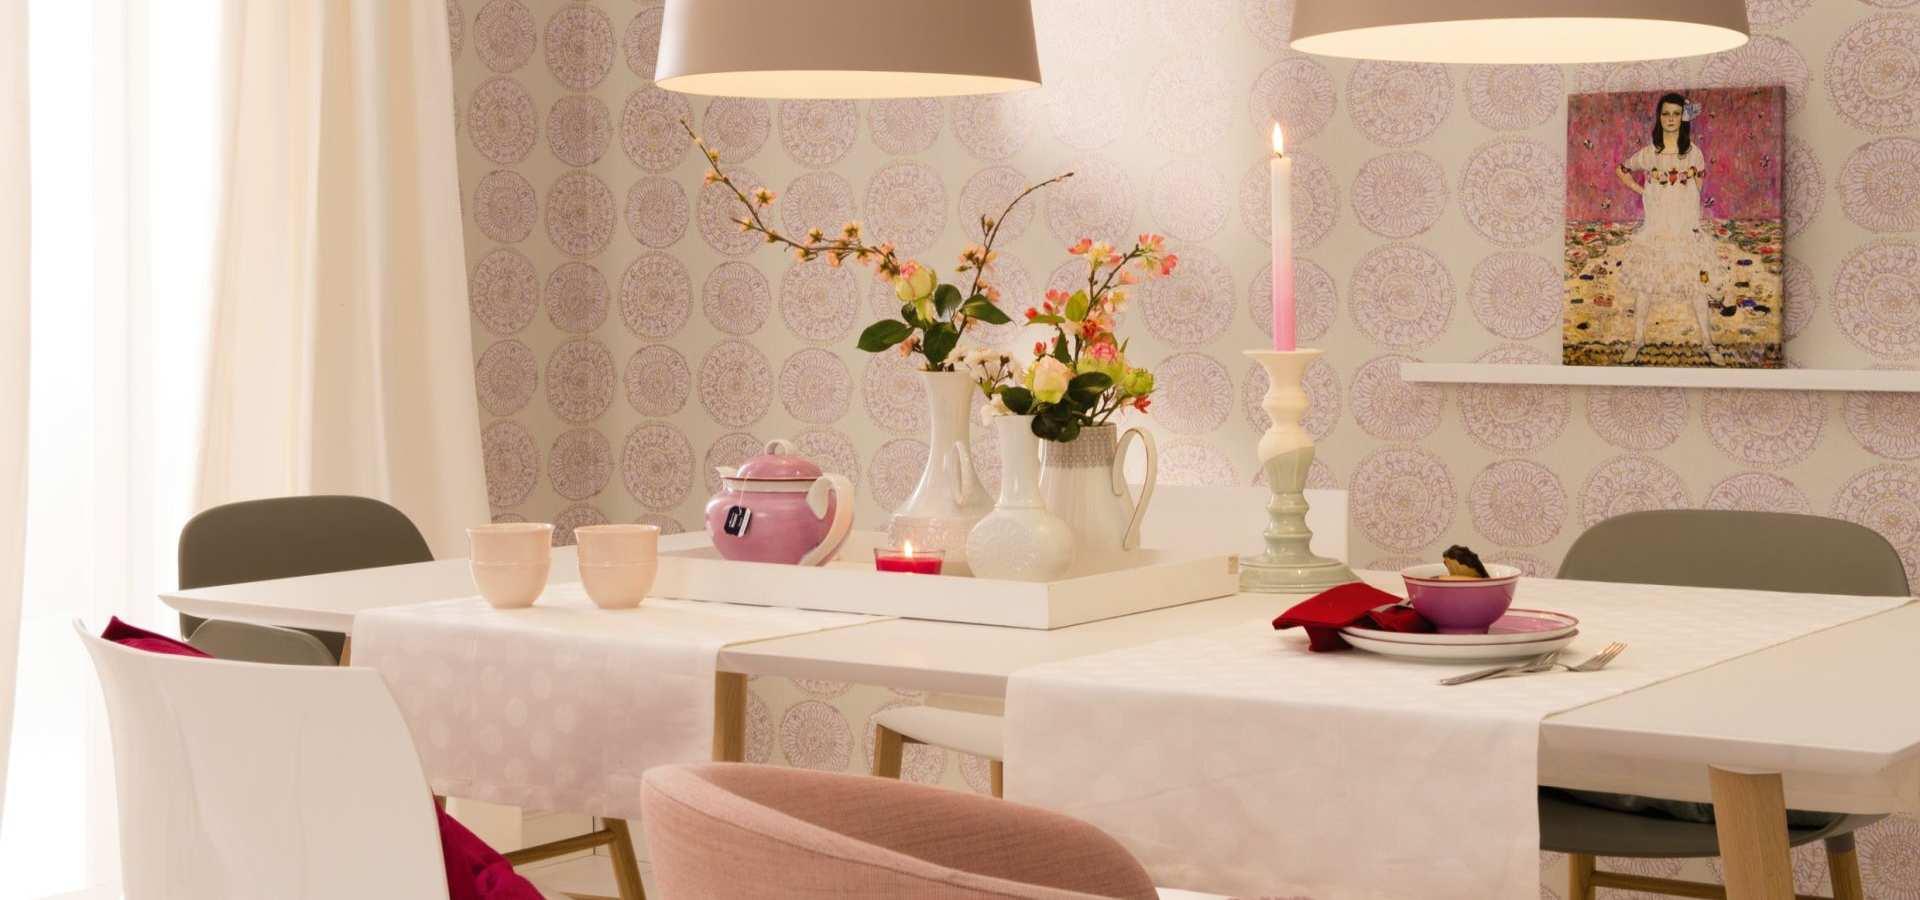 Bild Küche Tapete Ornament rosa